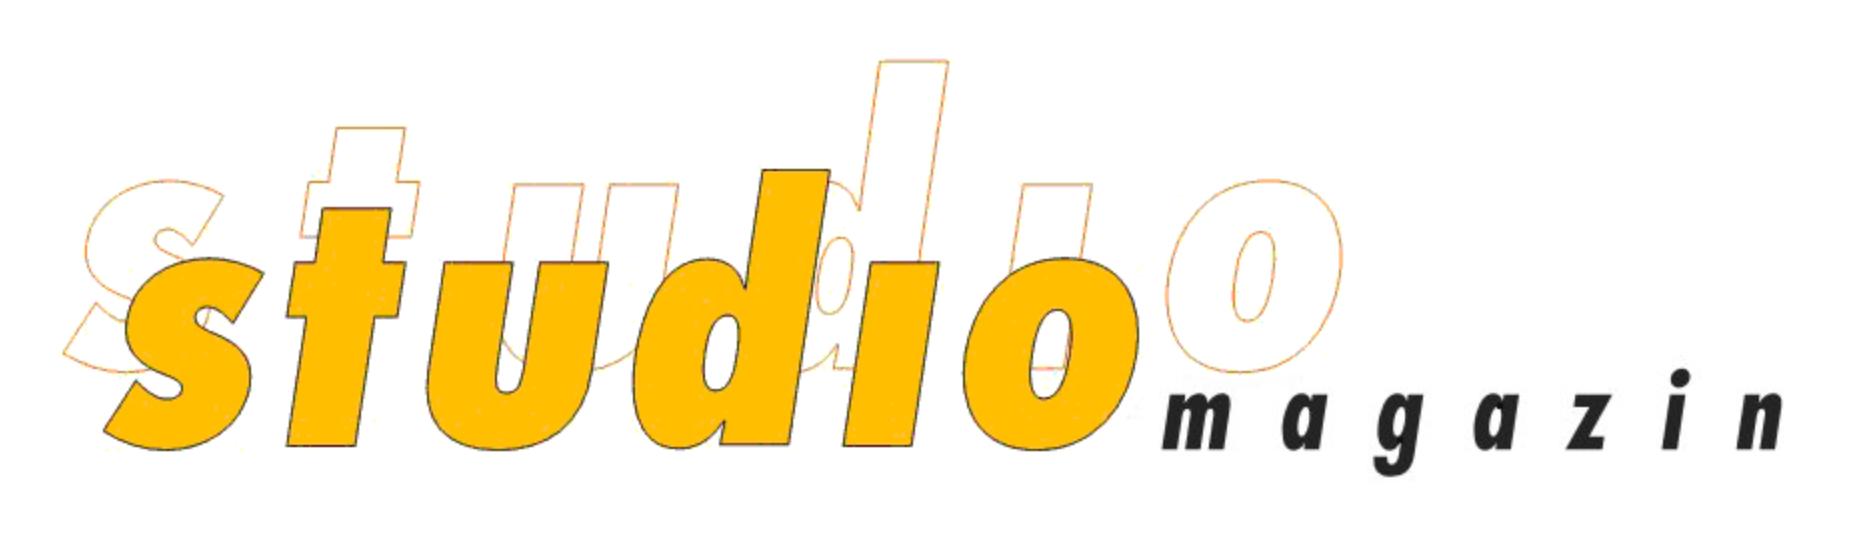 studio-magazin